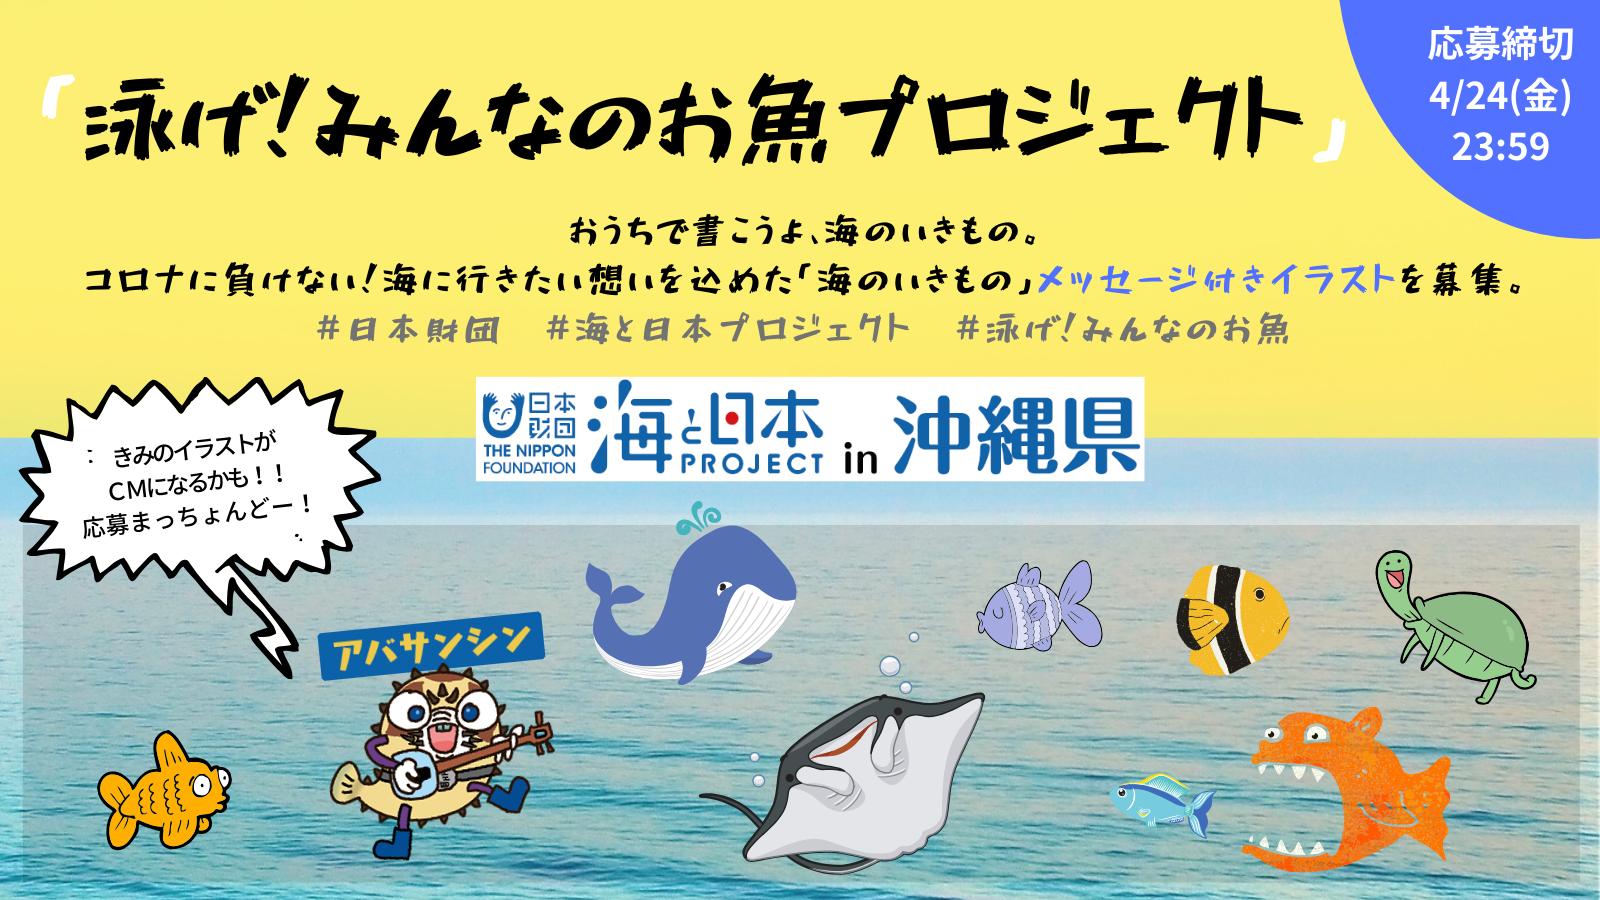 泳げ!みんなのお魚プロジェクトC(16:9)